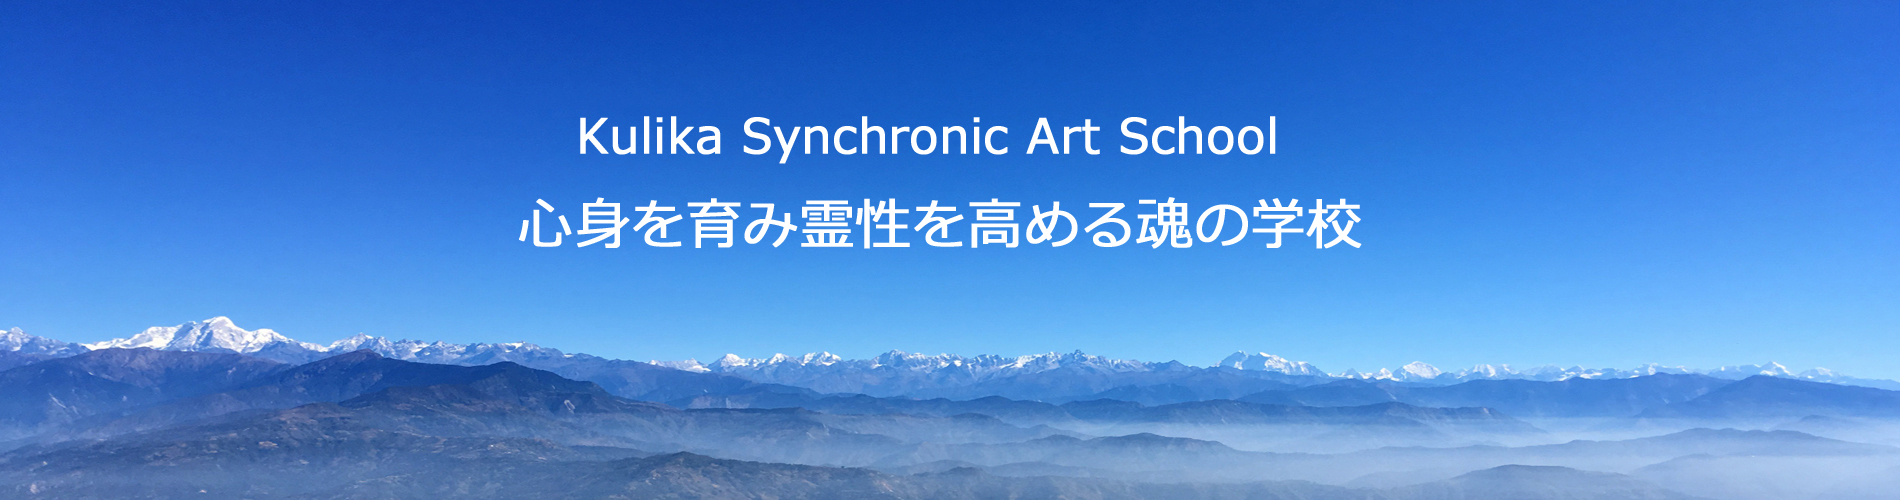 Kulika Synchronic Art School